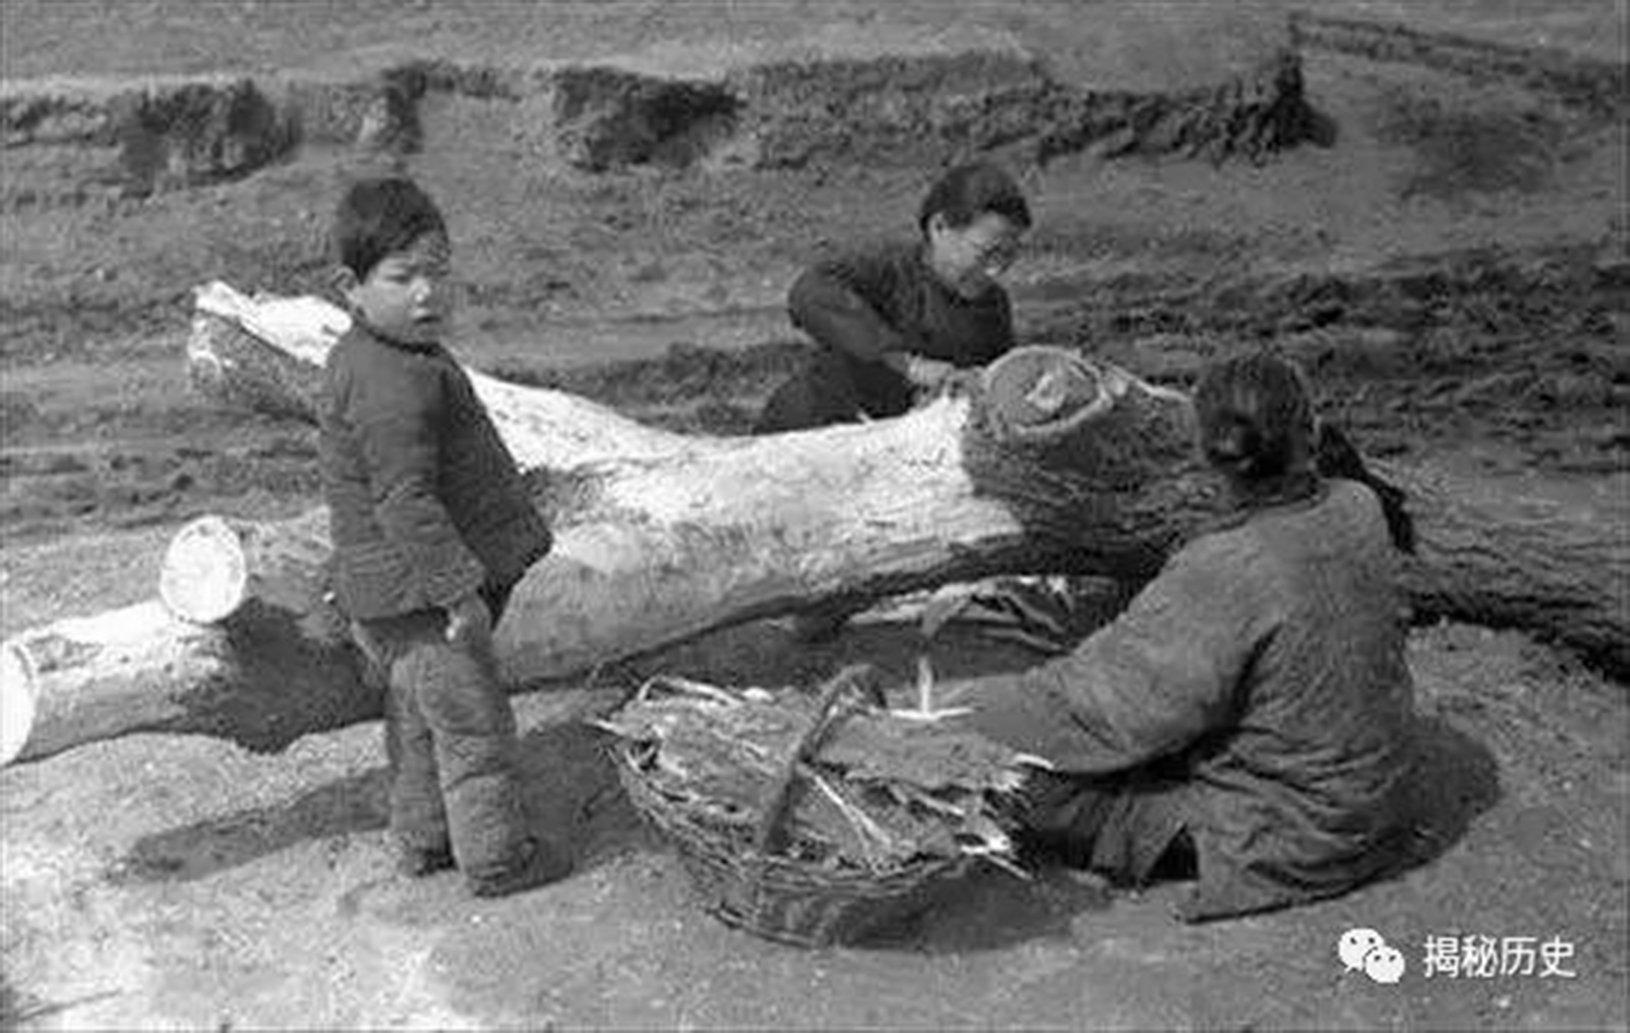 毛澤東一意孤行「高舉三面紅旗」的錯誤政策,造成全國糧荒,餓死大量老百姓,圖為飢民刨樹皮吃。(網絡圖片)